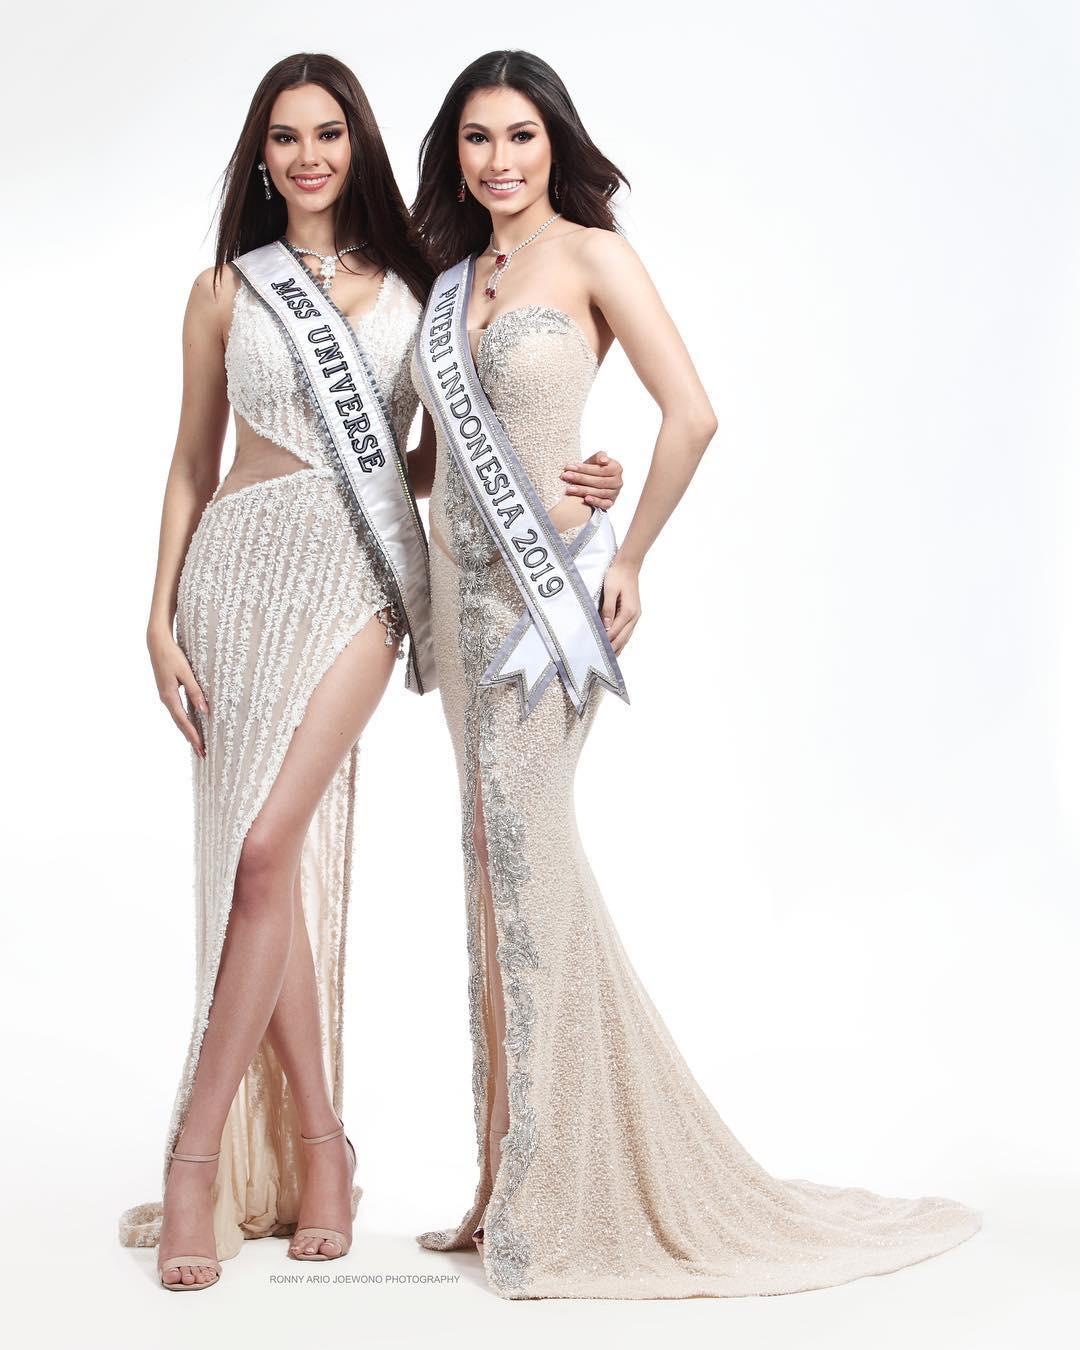 Đối thủ Hoàng Thùy tại Miss Universe 2019: Từ cơ bụng 6 múi đến thành tích cực khủng đủ sức nuốt chửng bất cứ người đẹp nào!-22